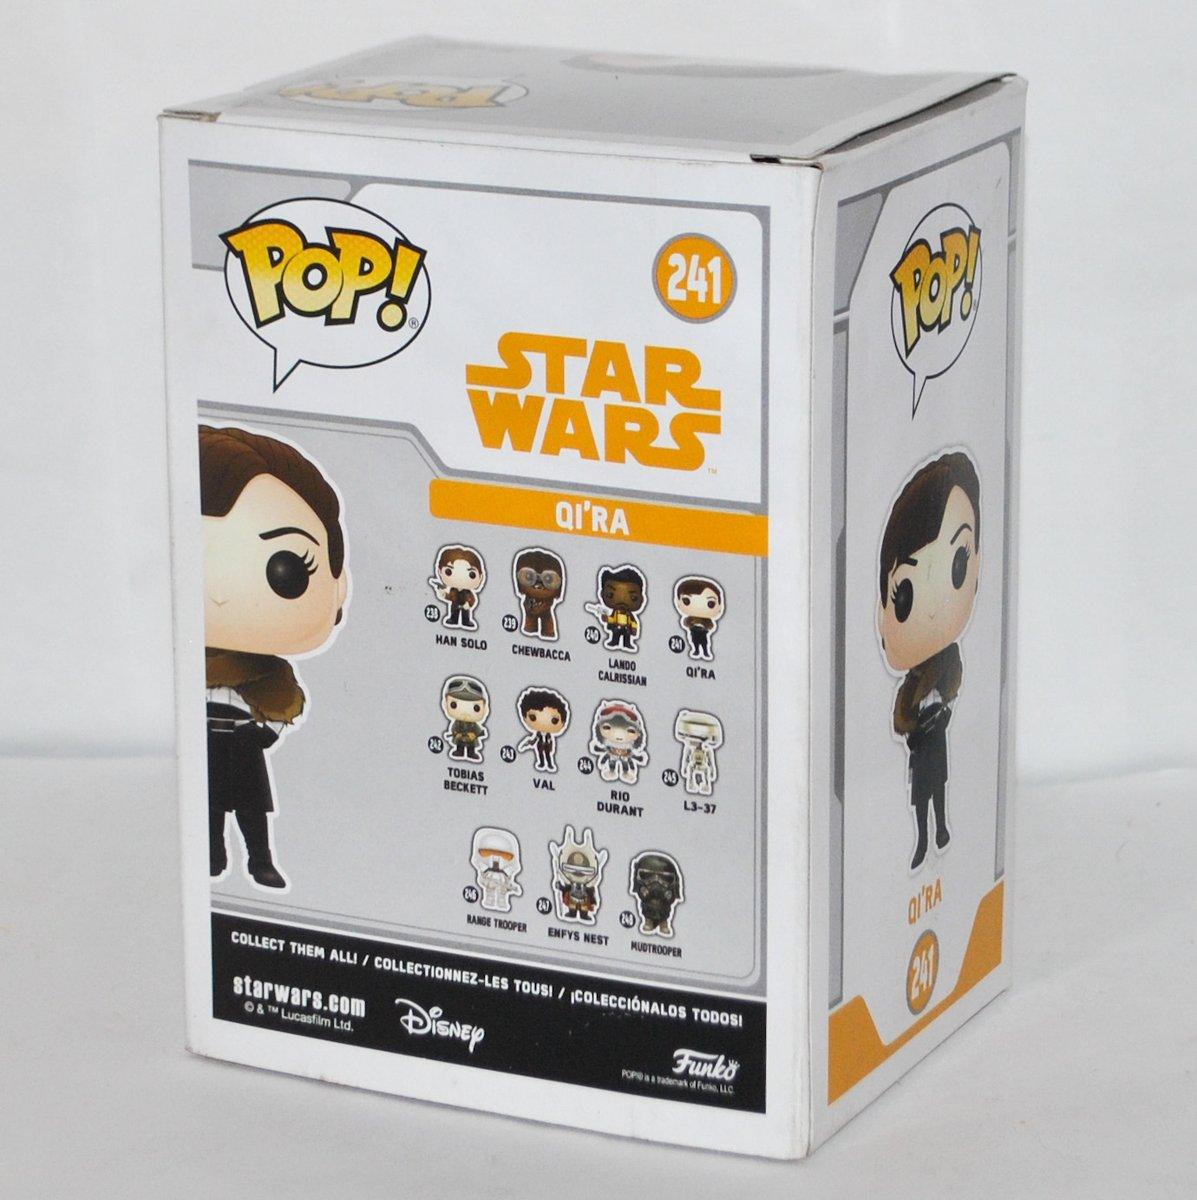 Qi/'ra from Star Wars New In box. Funko Pop